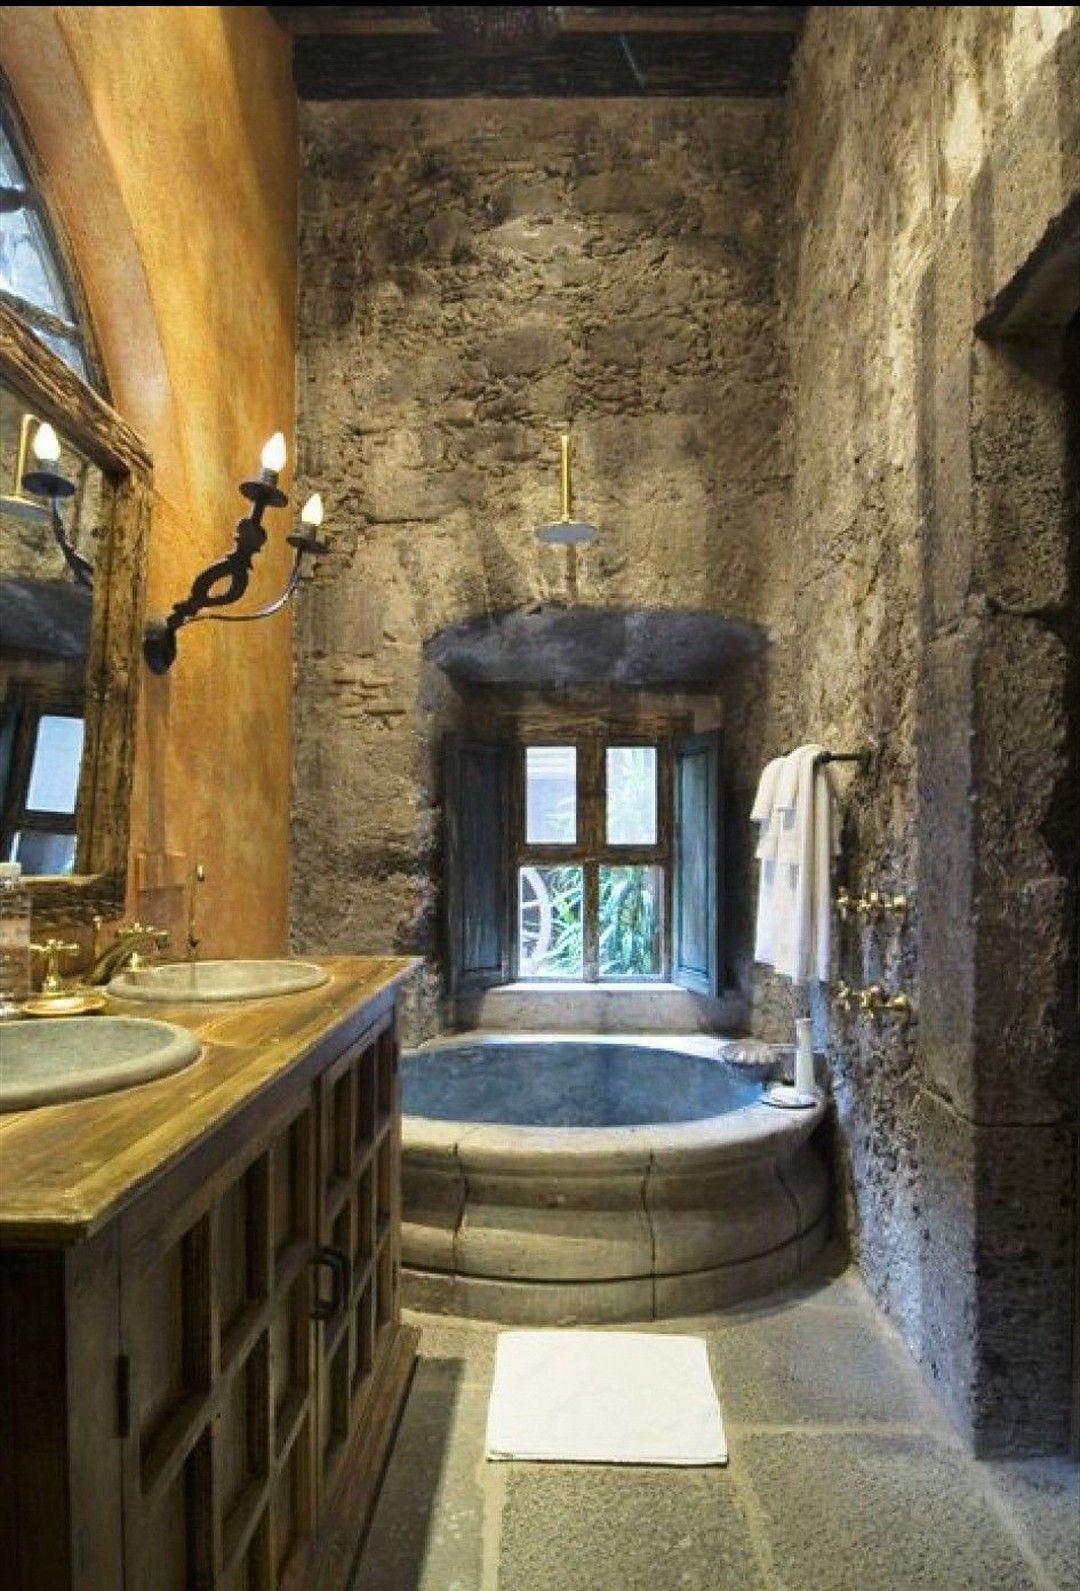 Badezimmer dekor rund um die wanne pin von sab tei auf bäder  pinterest  badezimmer haus und bad